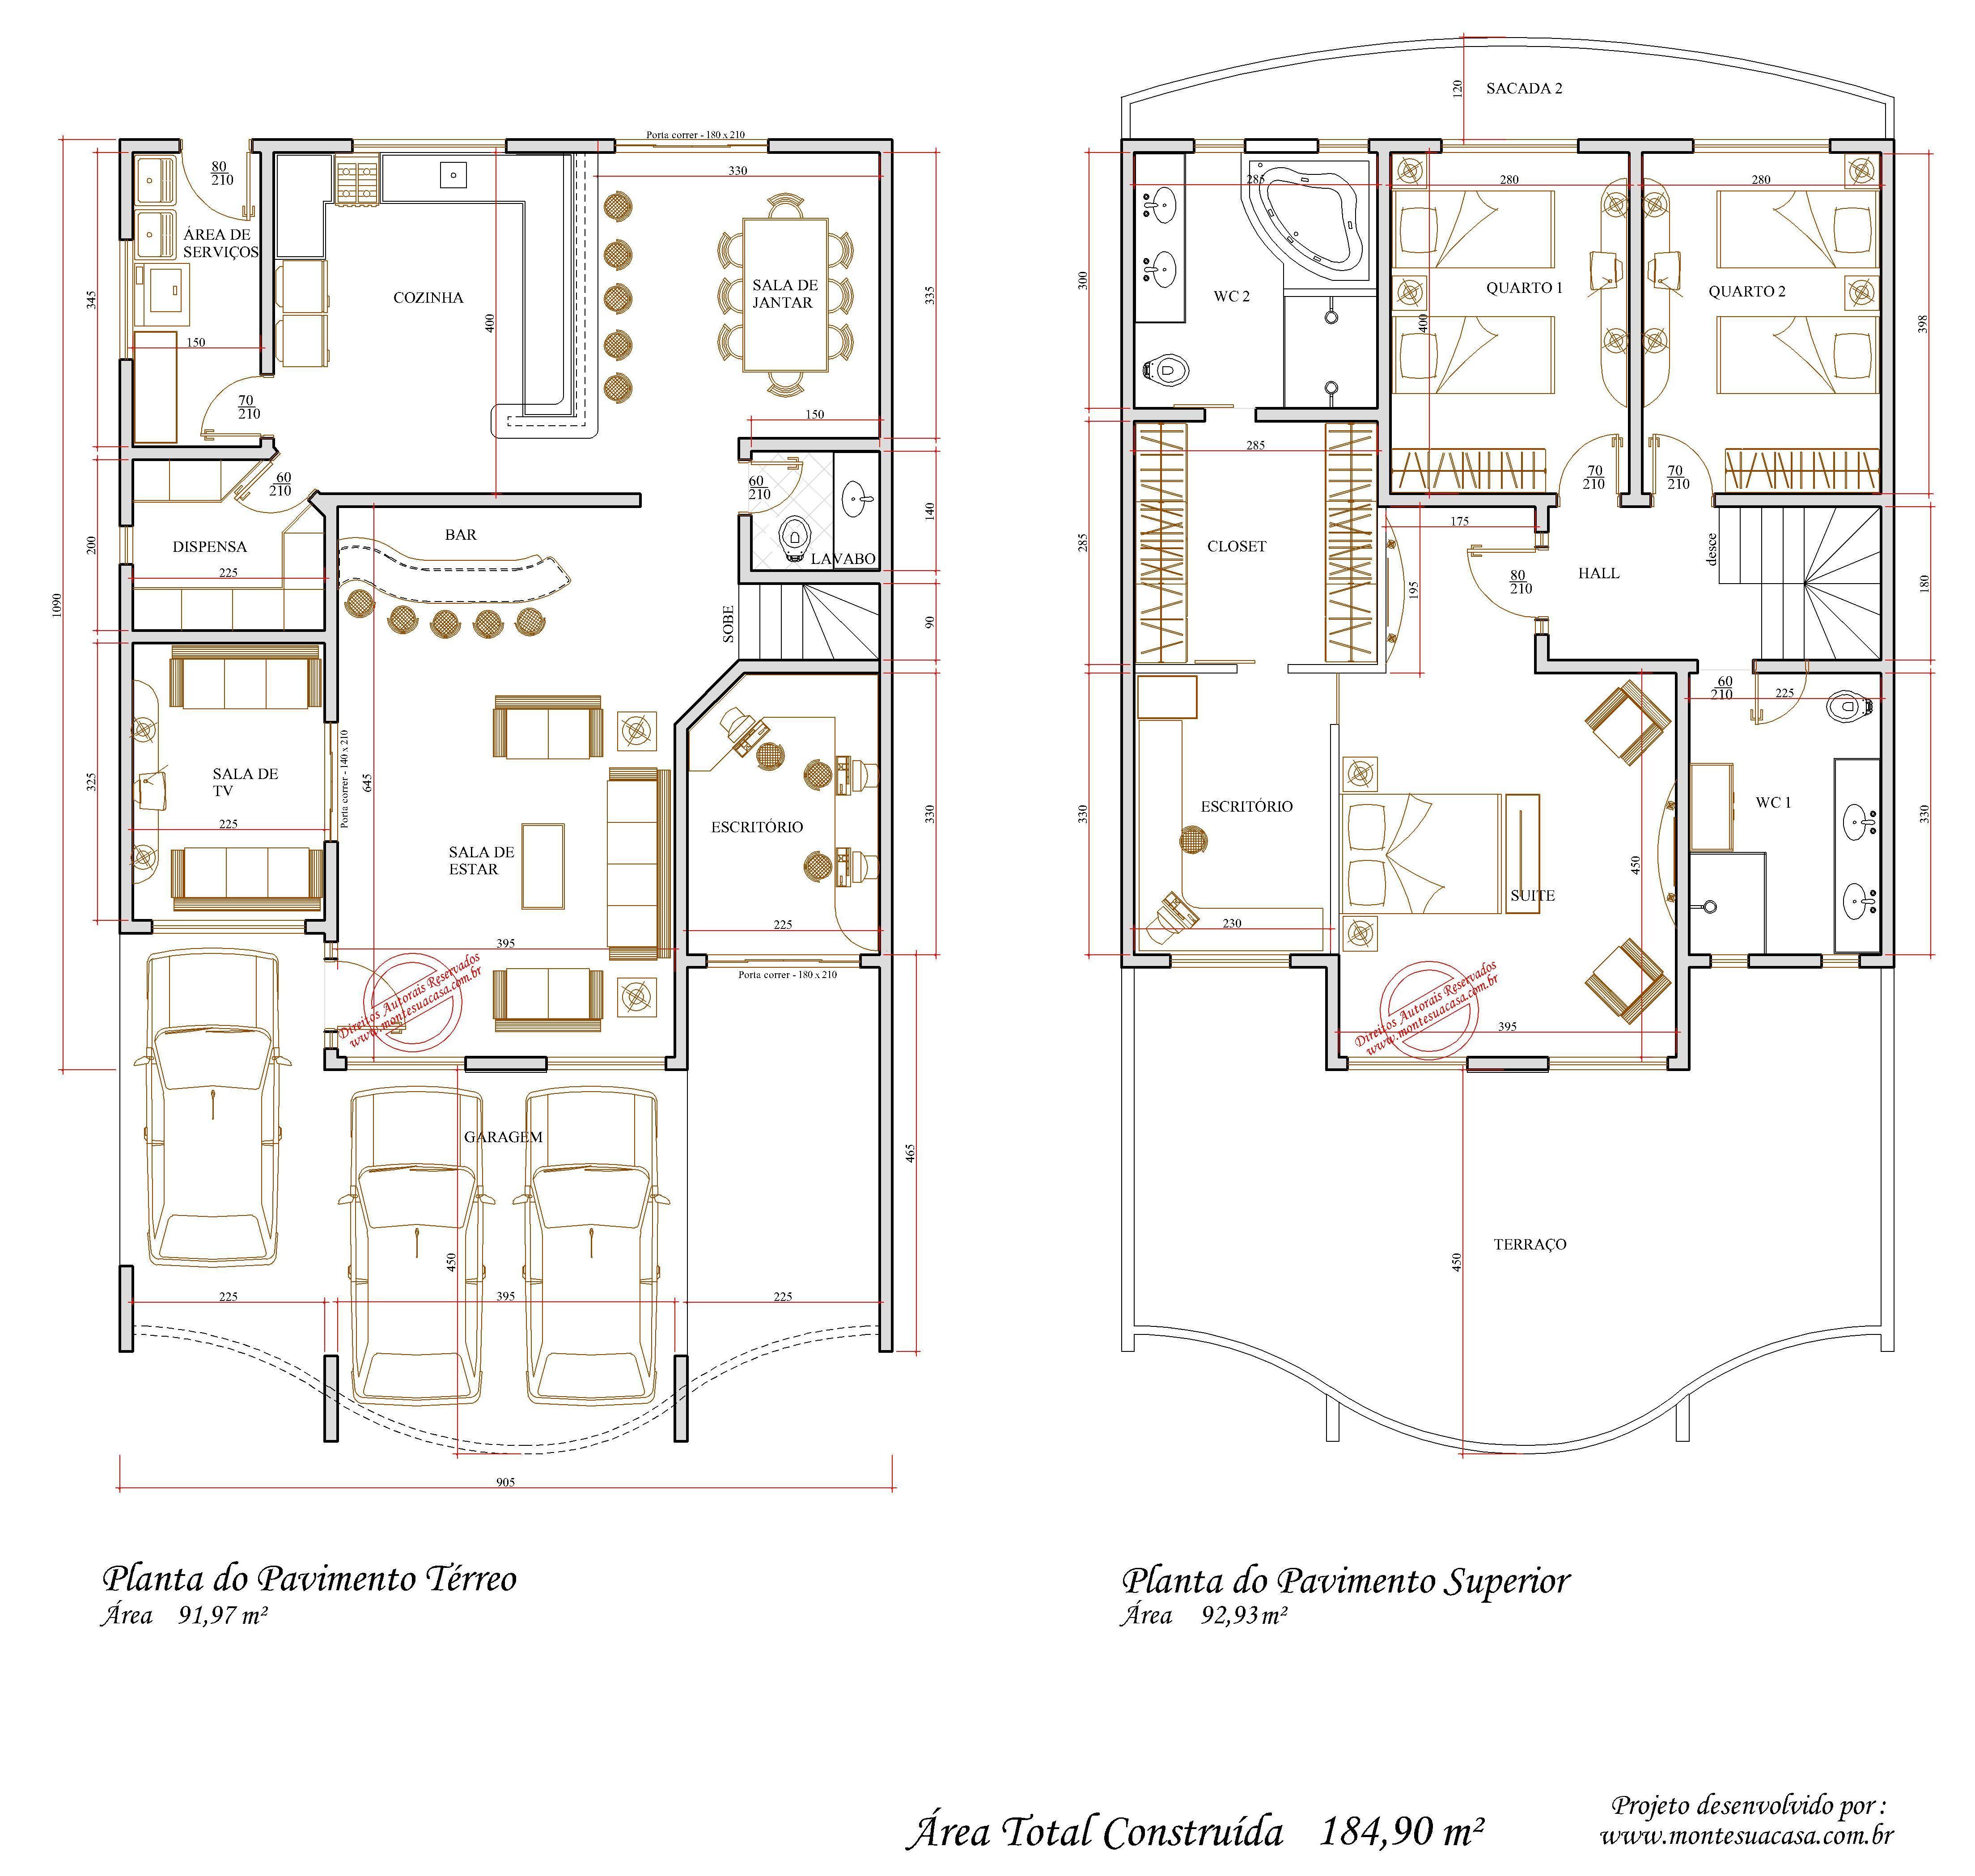 Projetos de sobrados com 3 quartos grátis Decorando Casas #896C42 4416 4195